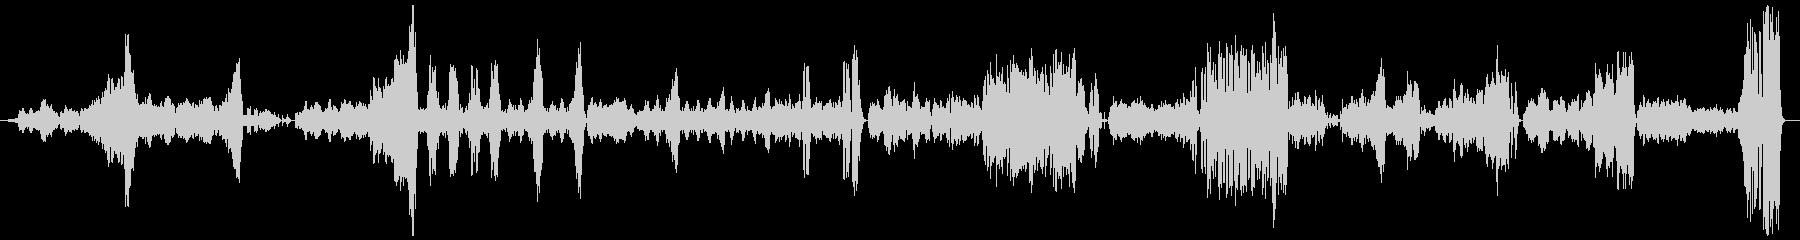 『美しく青きドナウ』 オーケストラの未再生の波形